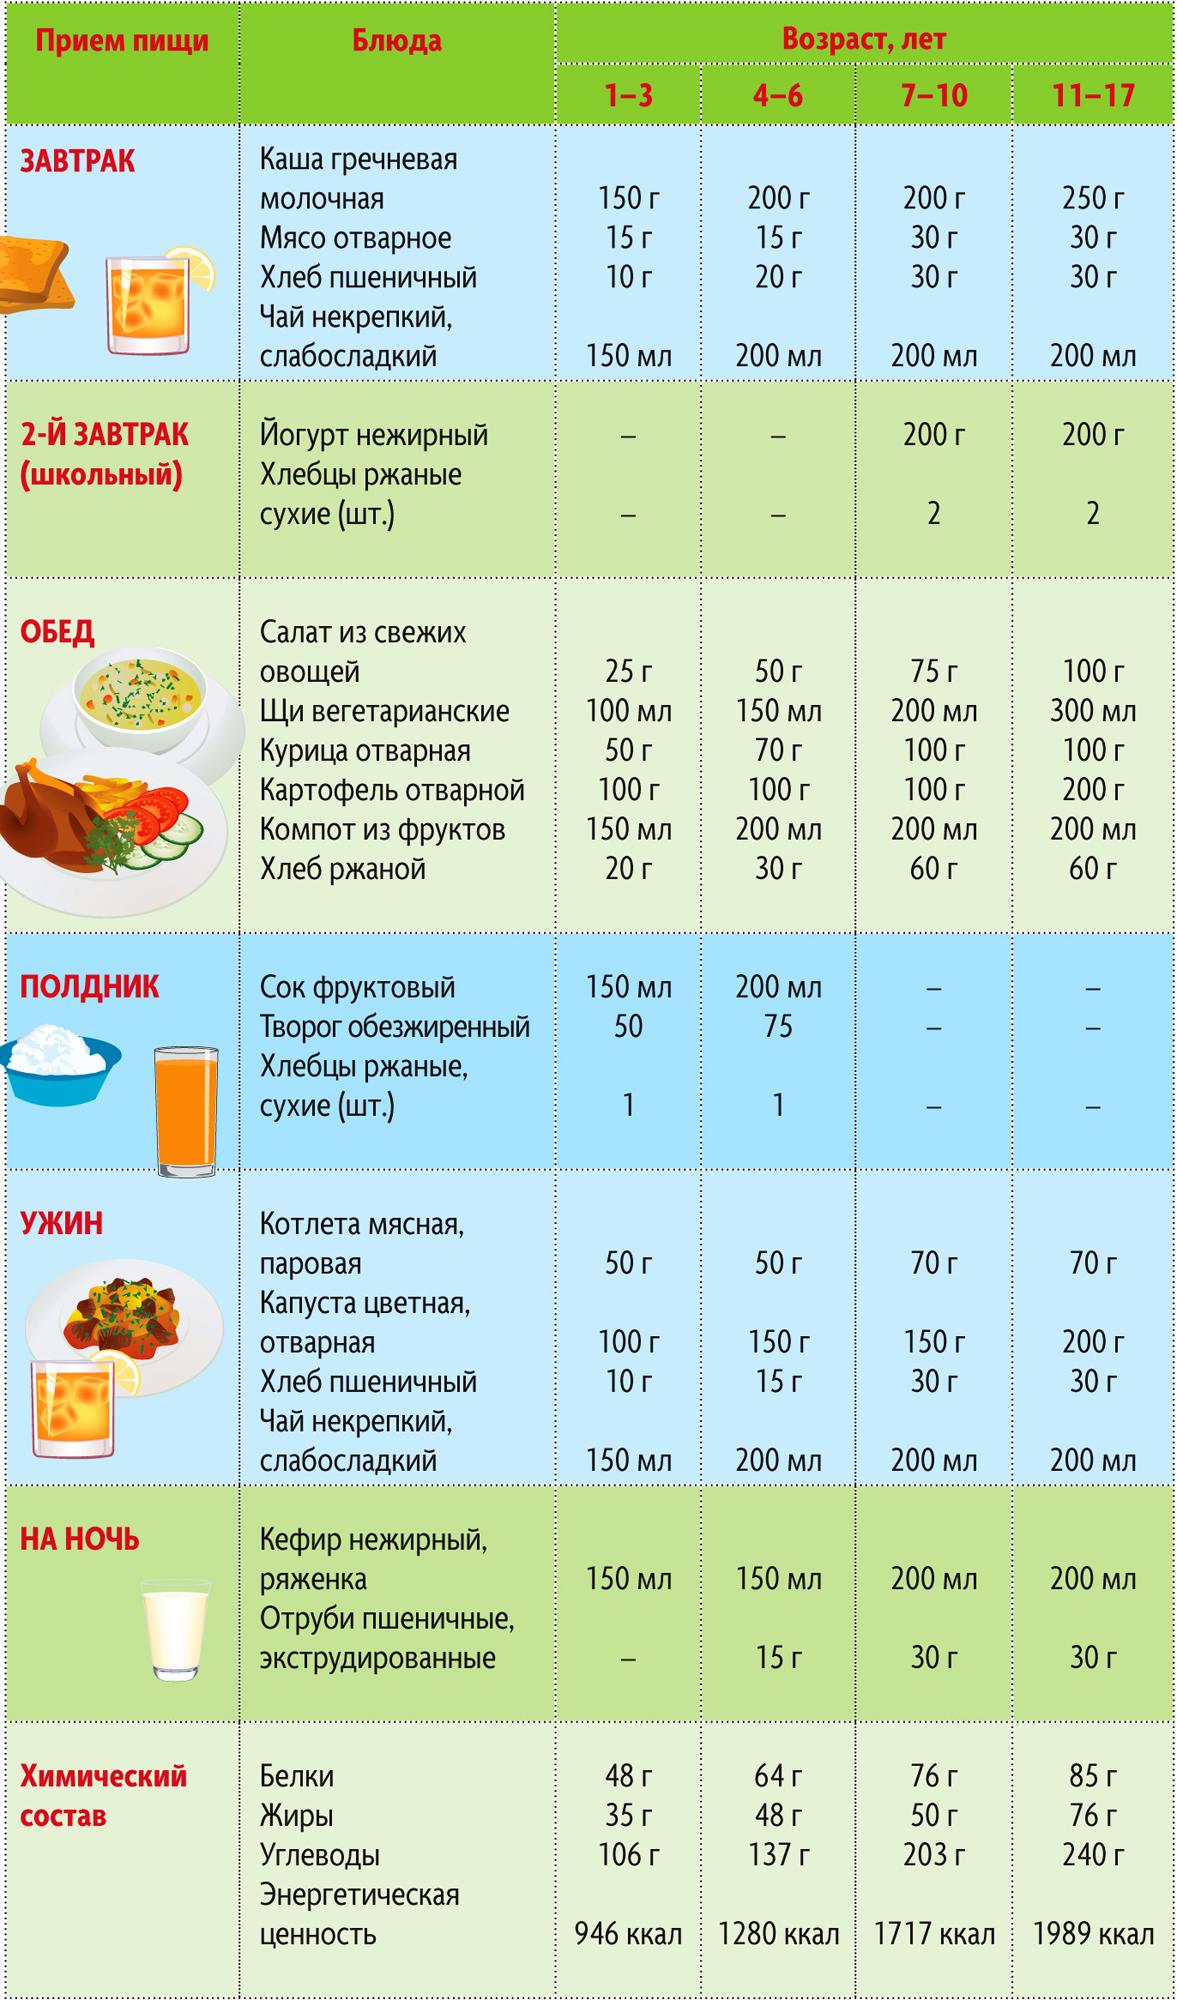 Диета для детей и подростков для похудения: меню при лишнем весе, диетические рецепты